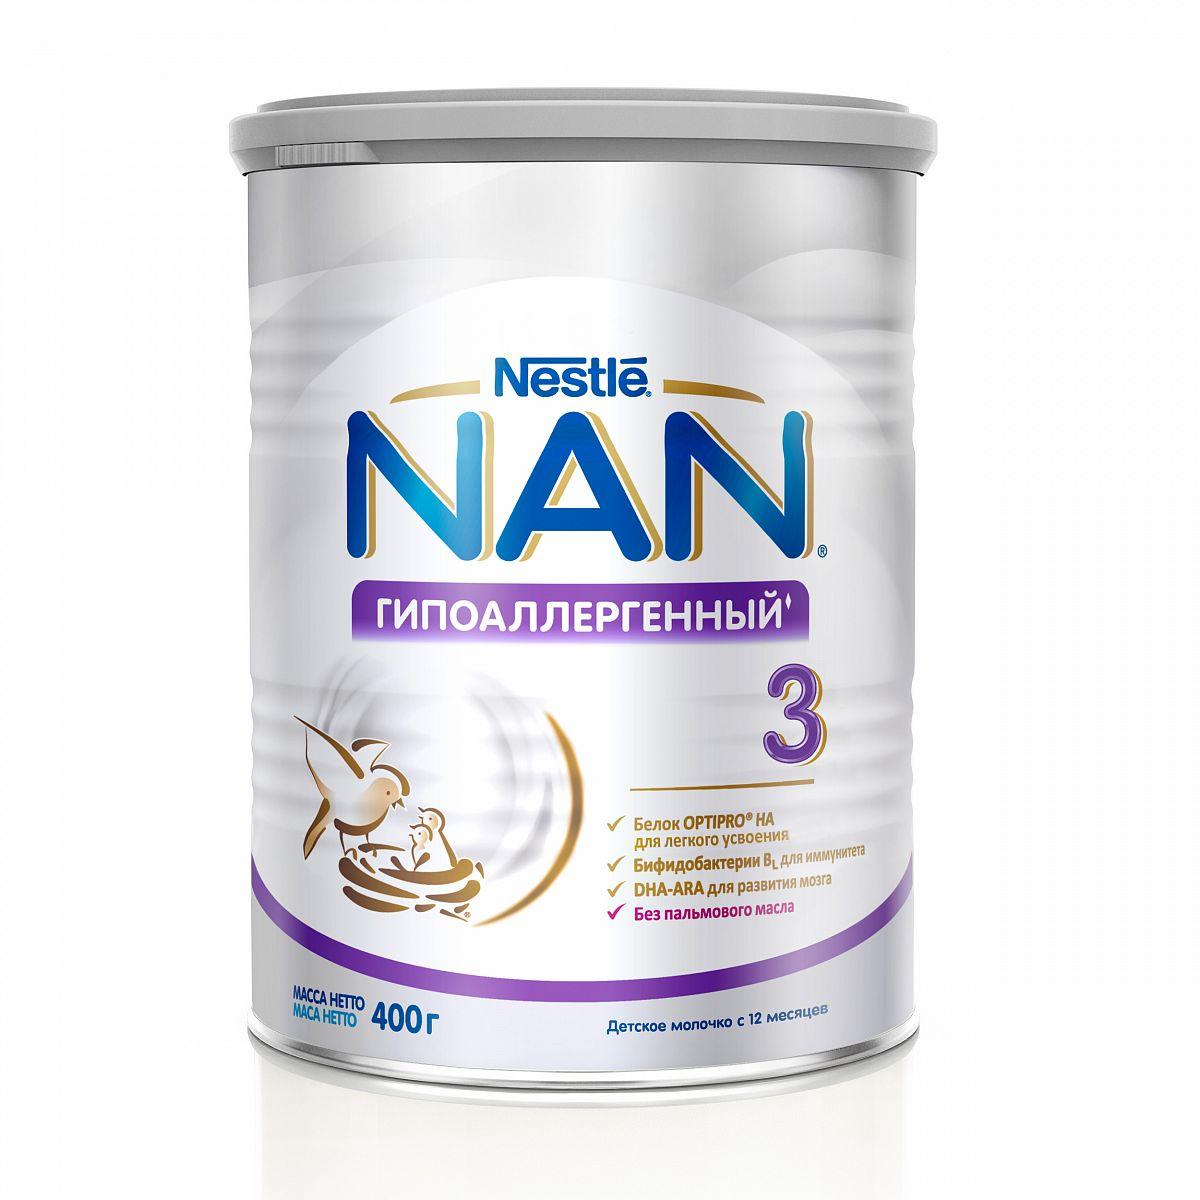 Фото - Детское молочко NAN 3 Optipro гипоаллергенный с 12 месяцев 400 г nan levinson outspoken